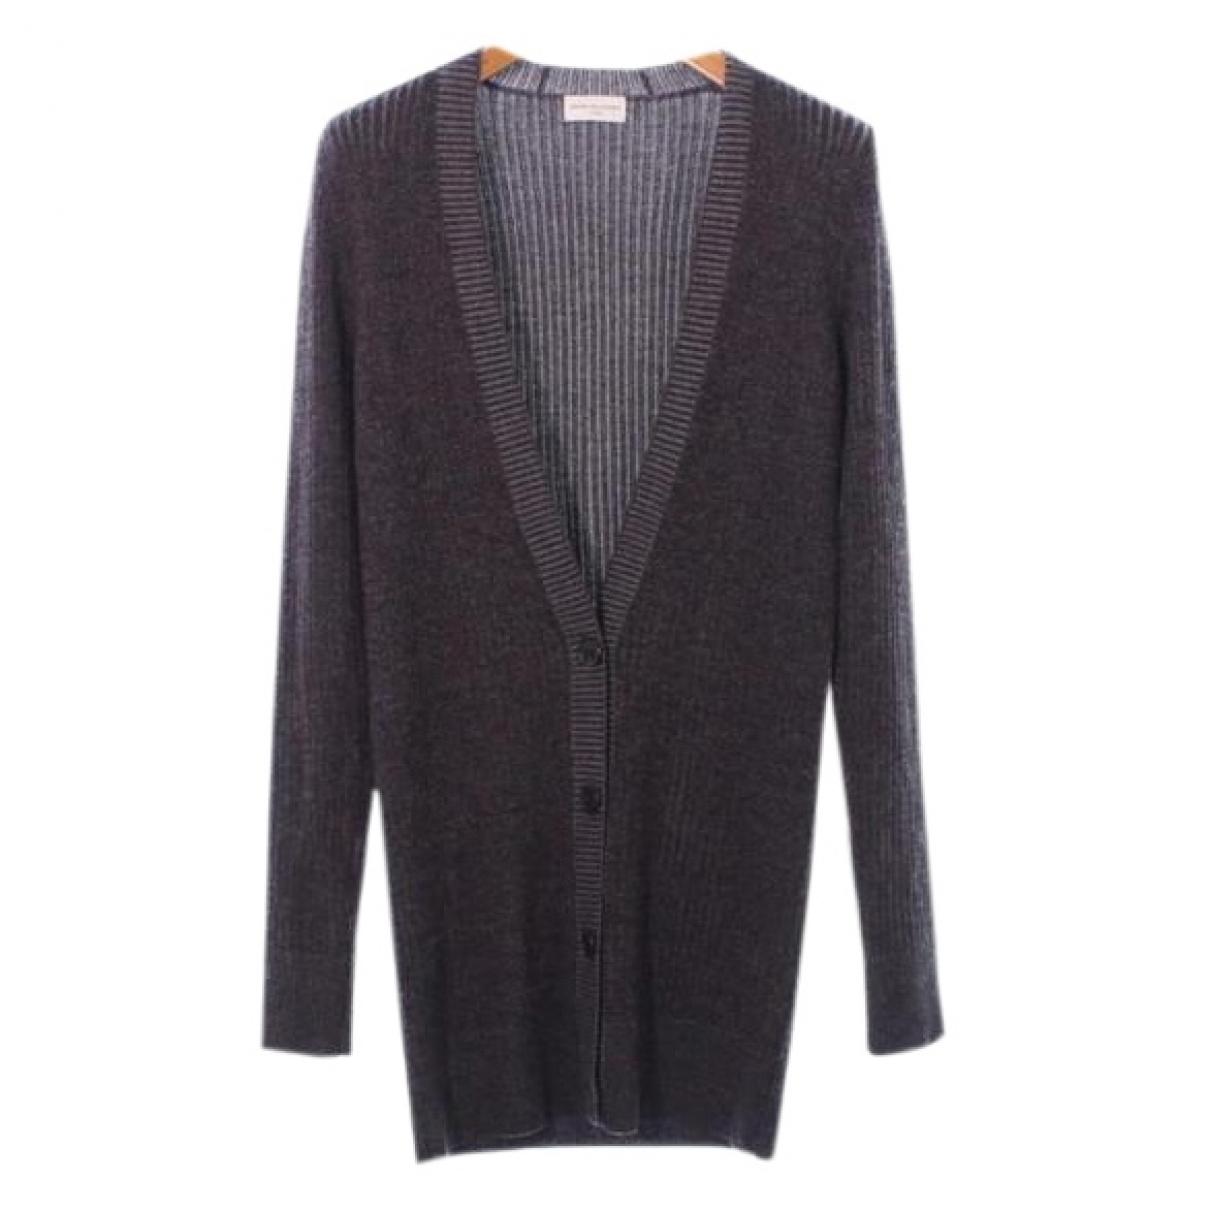 Dries Van Noten - Pull   pour femme en laine - marron